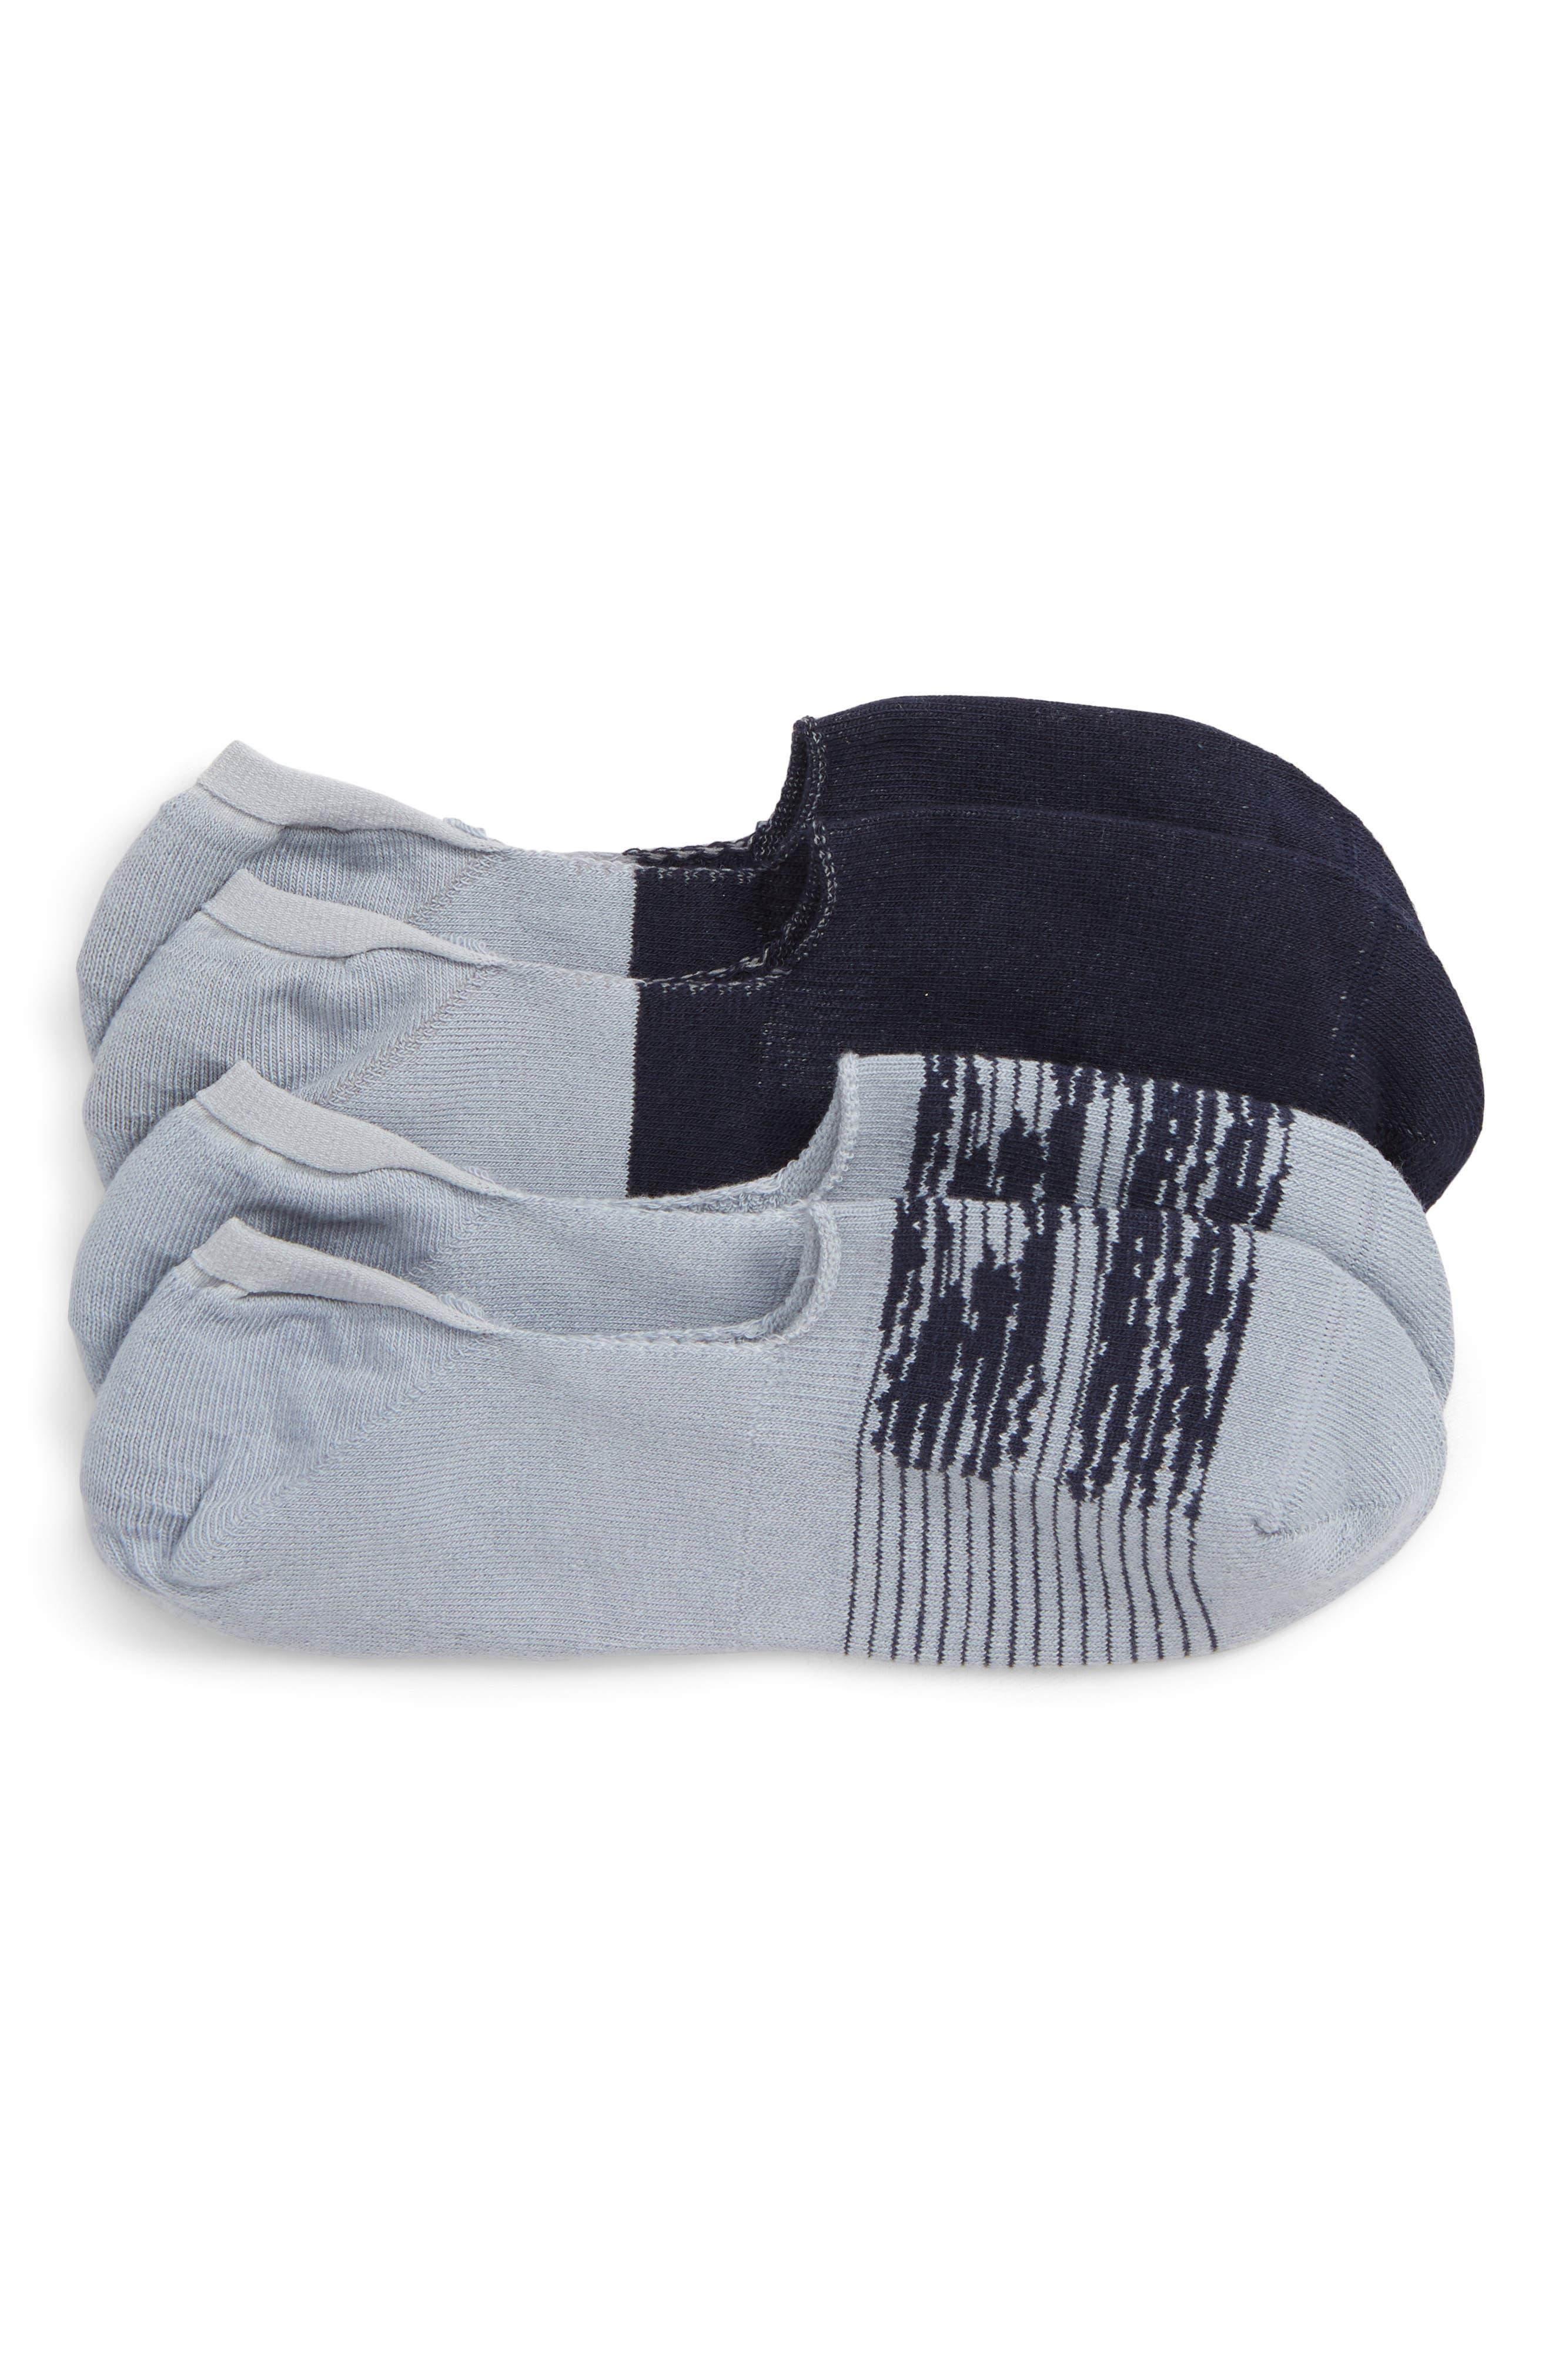 NORDSTROM MEN'S SHOP Assorted 2-Pack Liner Socks, Main, color, GREY/ NAVY